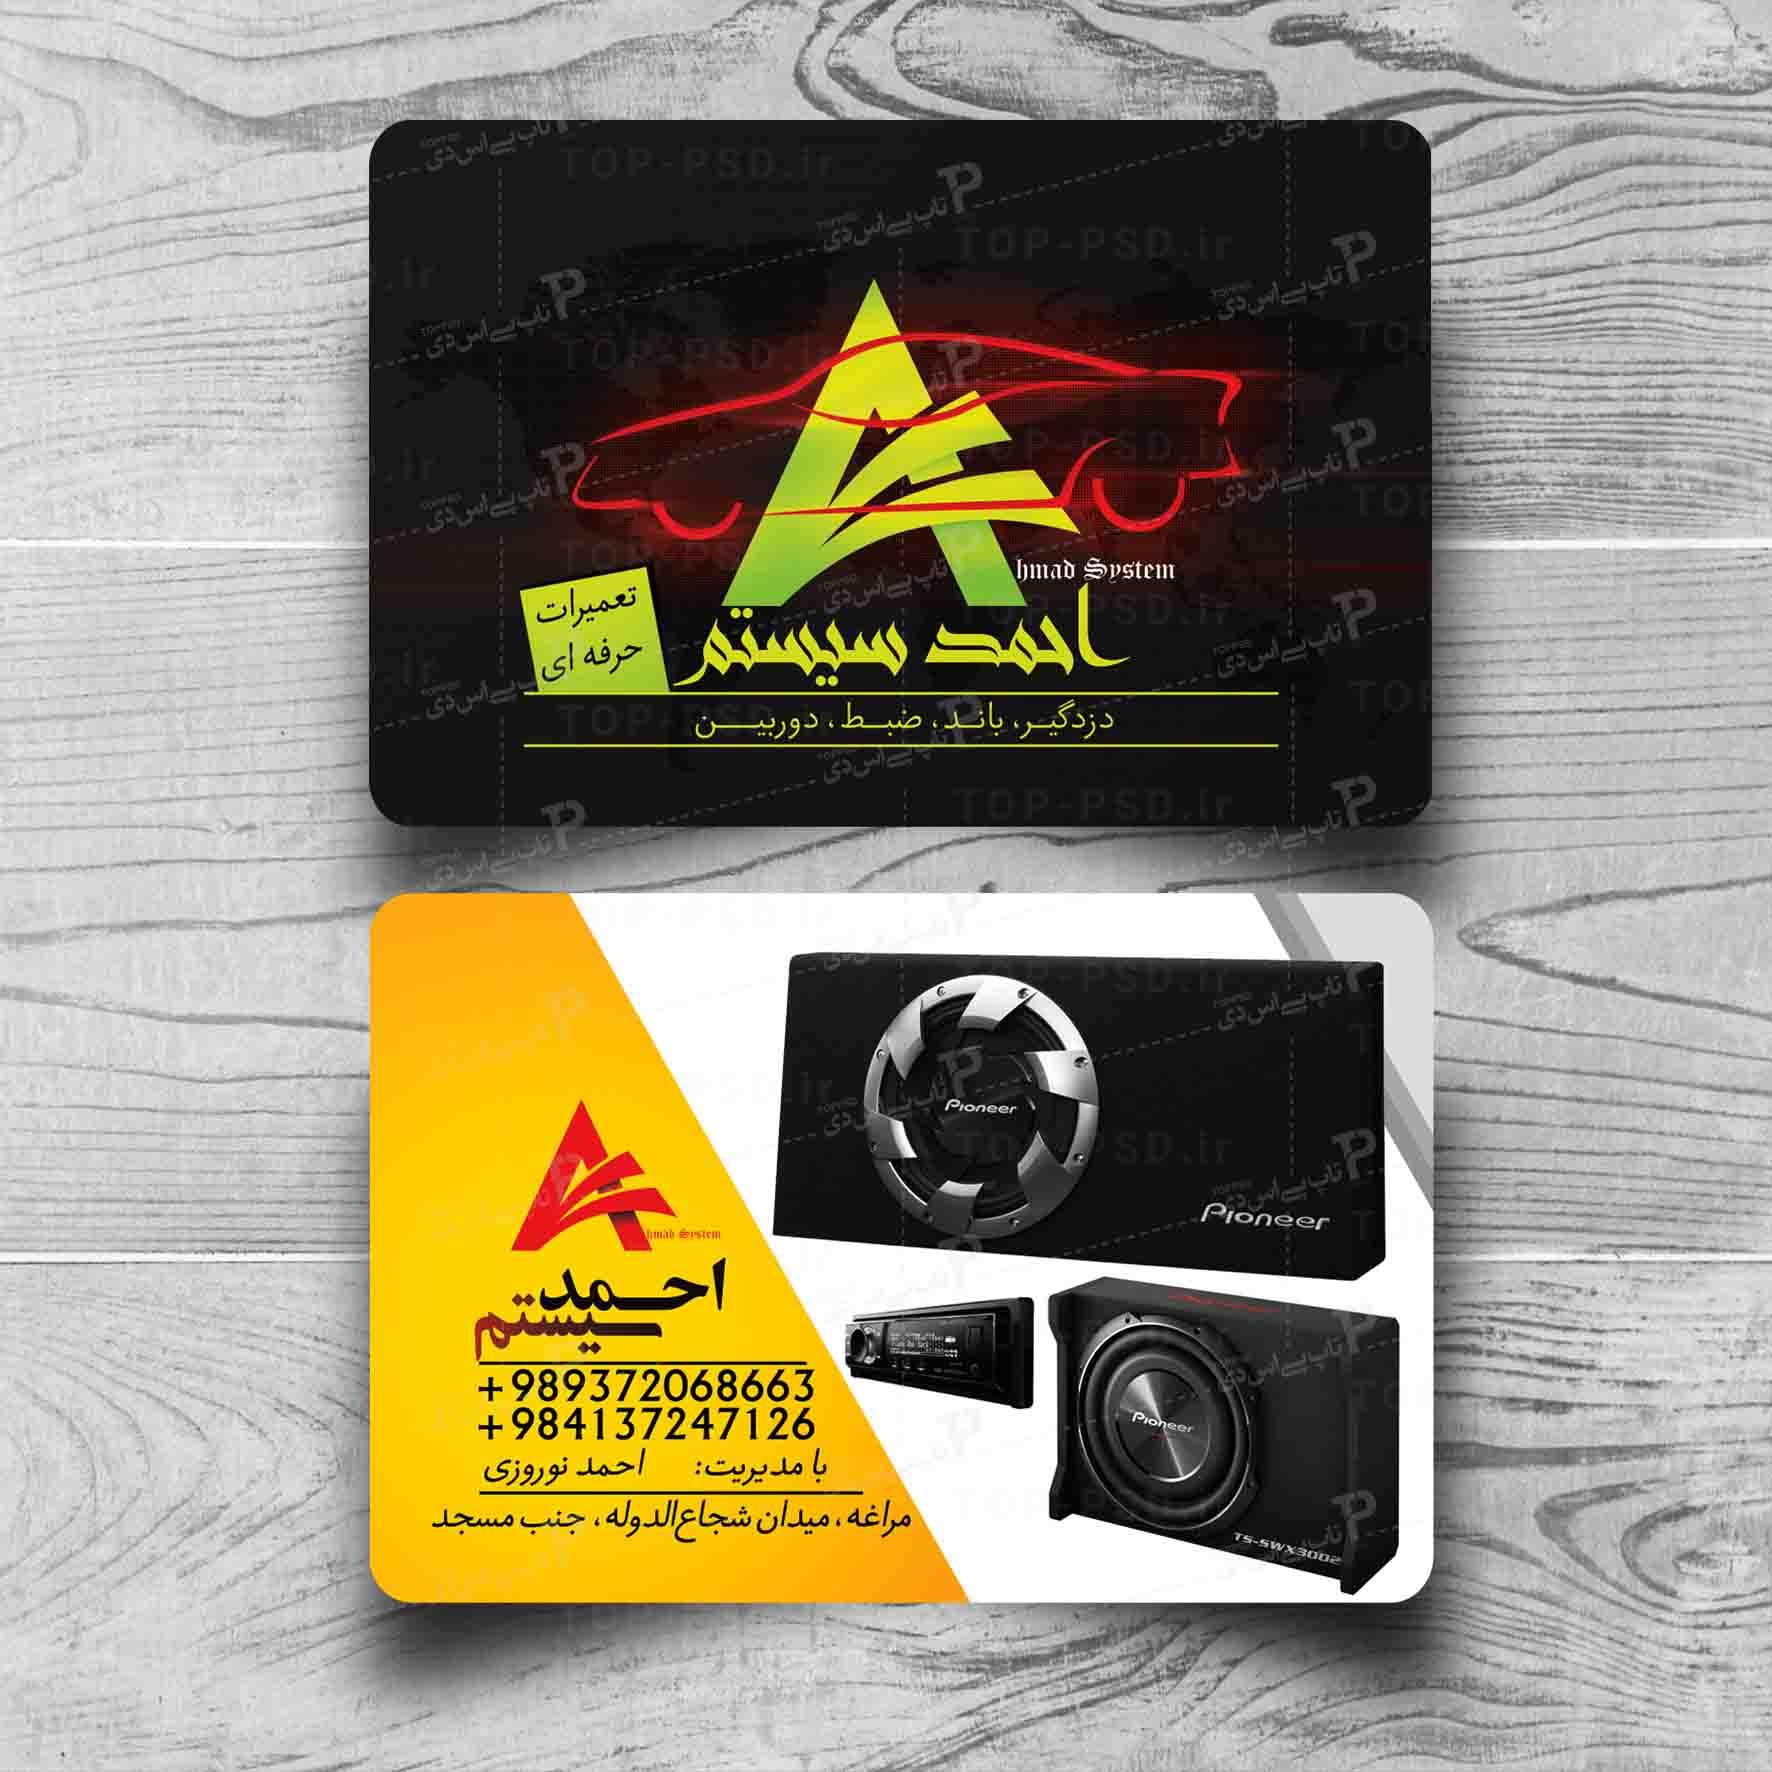 کارت ویزیت سیستم اتومبیل